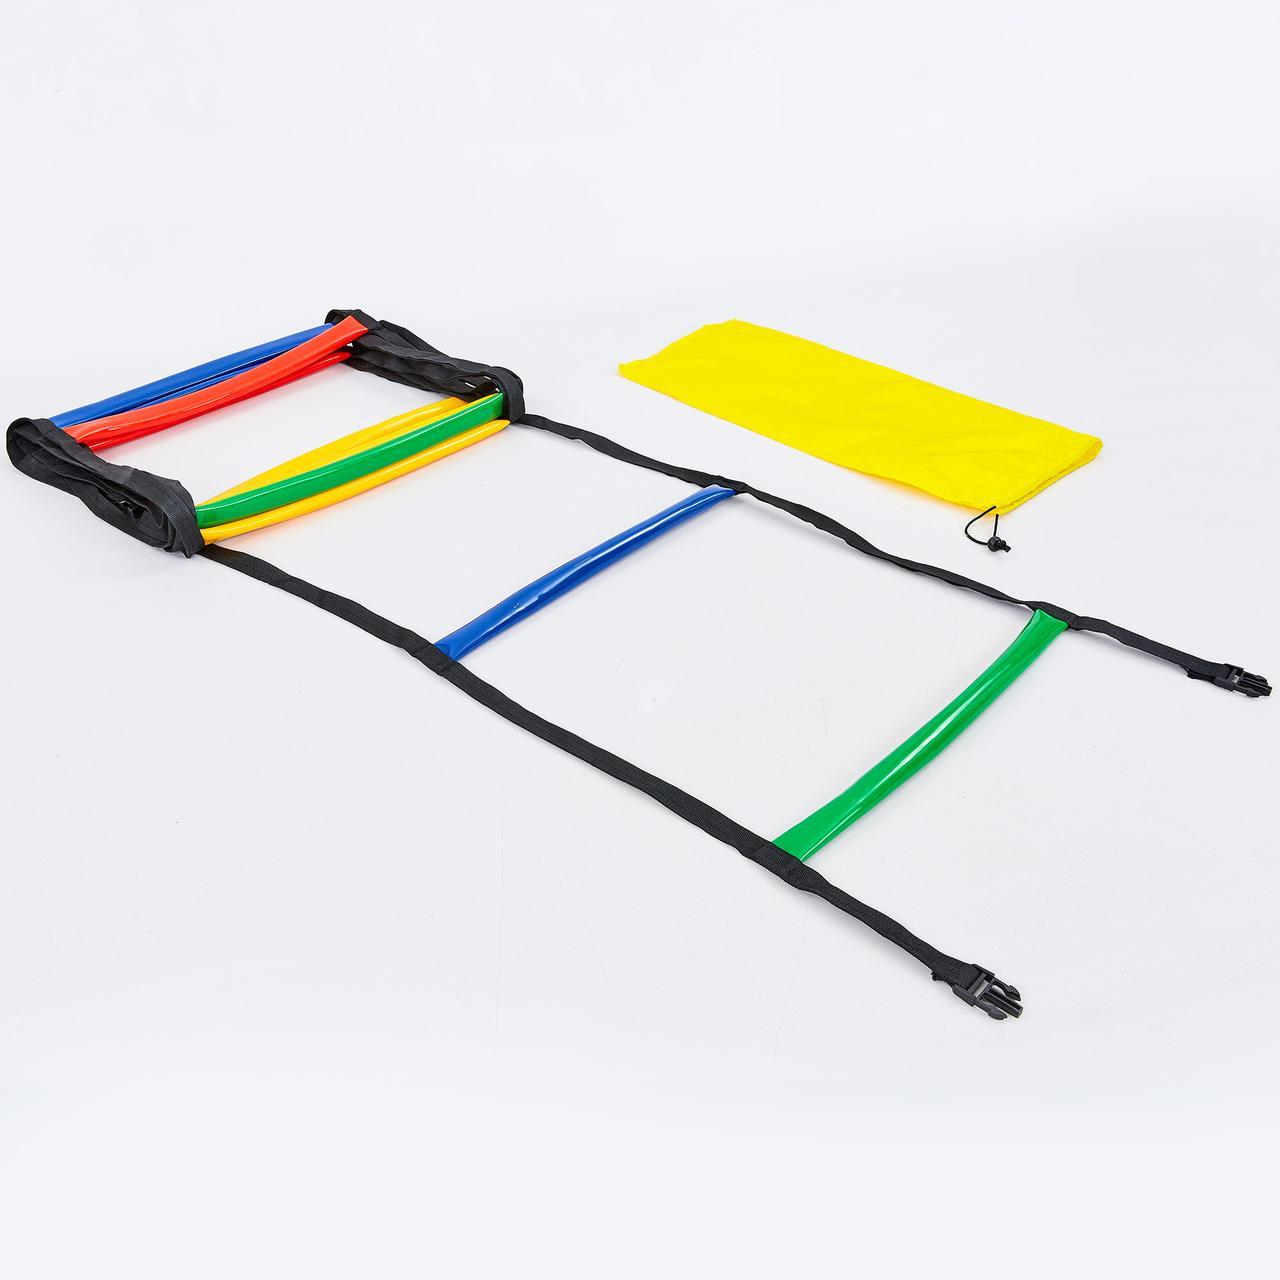 Координационная лестница-дорожка с барьерами мягкая 6м - 12 перекладин (PVC) для тренировки скорости